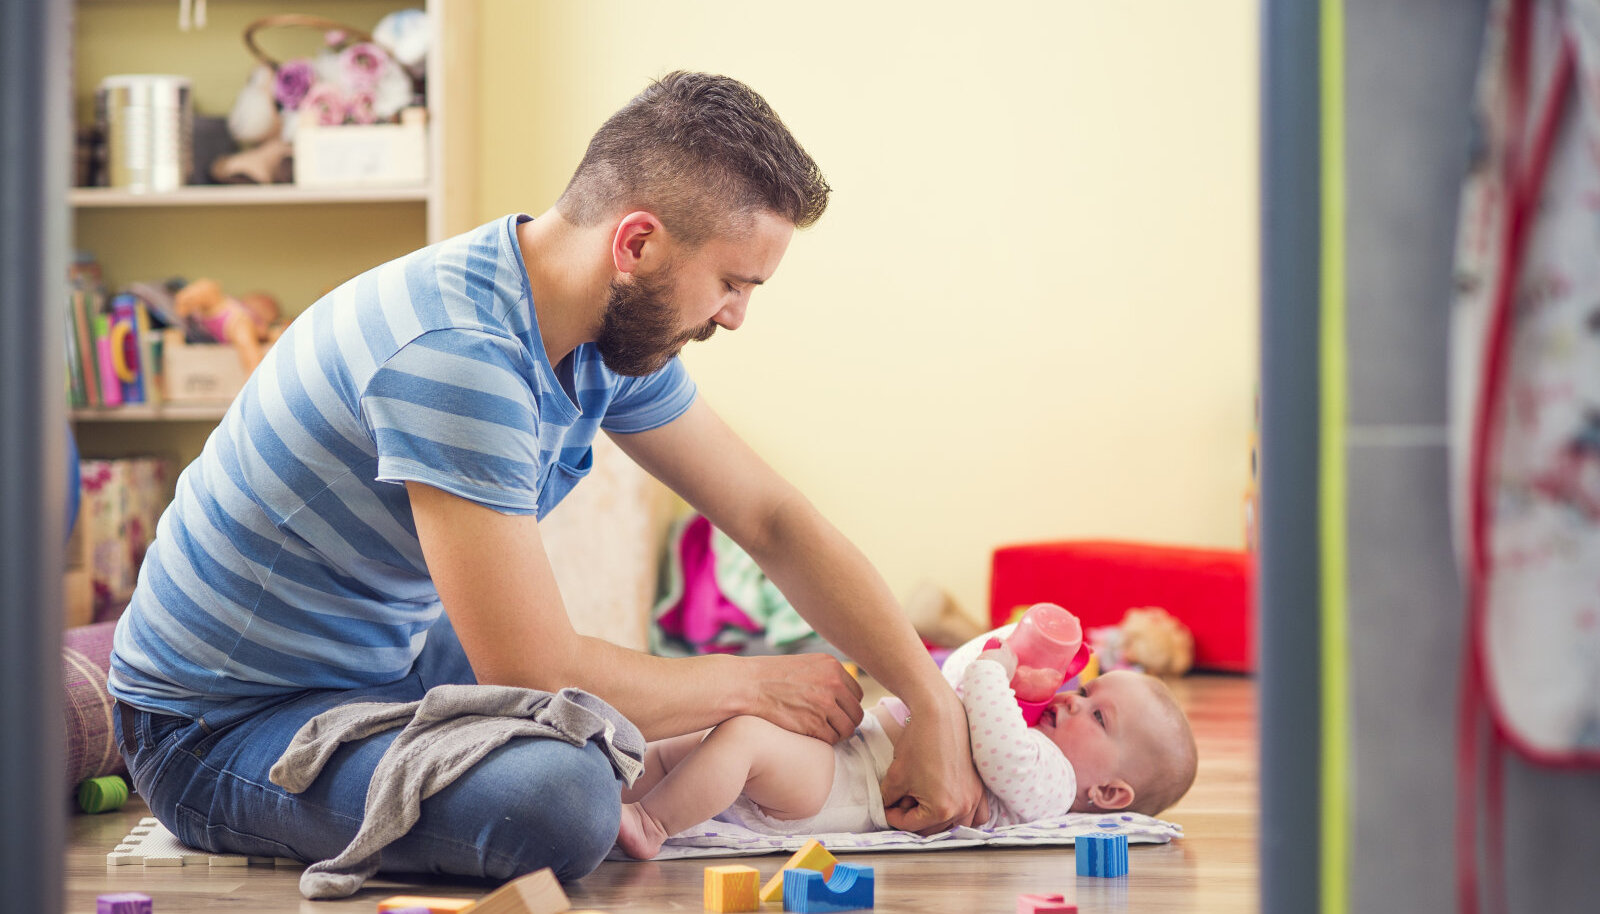 Ameerikas maksab ühele lapsele mähkmete muretsemine umbes 80 dollarit kuus